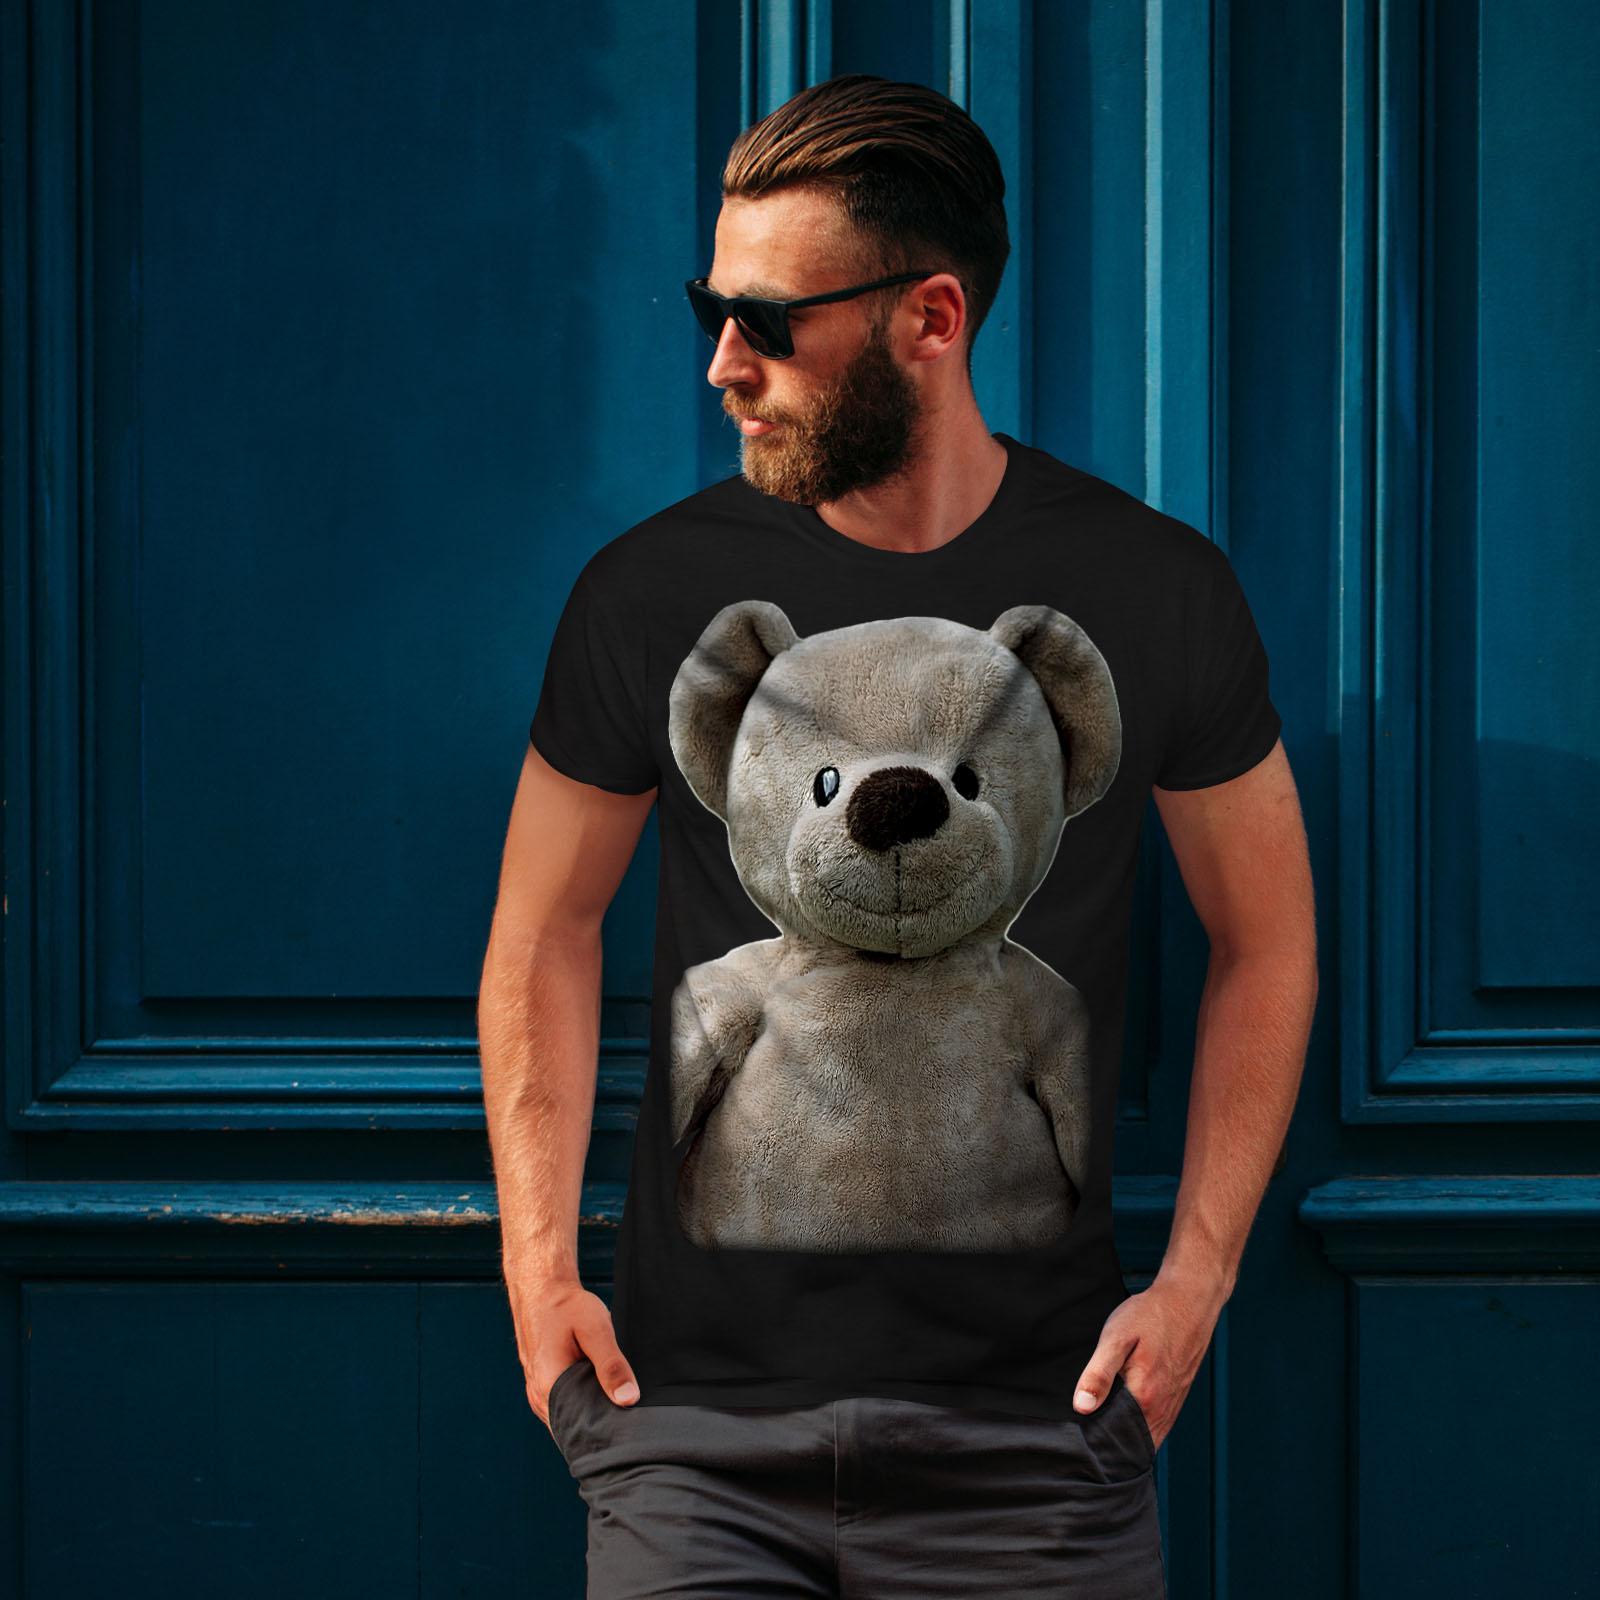 miniature 4 - Wellcoda Cute Plush Mens T-shirt, Teddy Bear Graphic Design Printed Tee